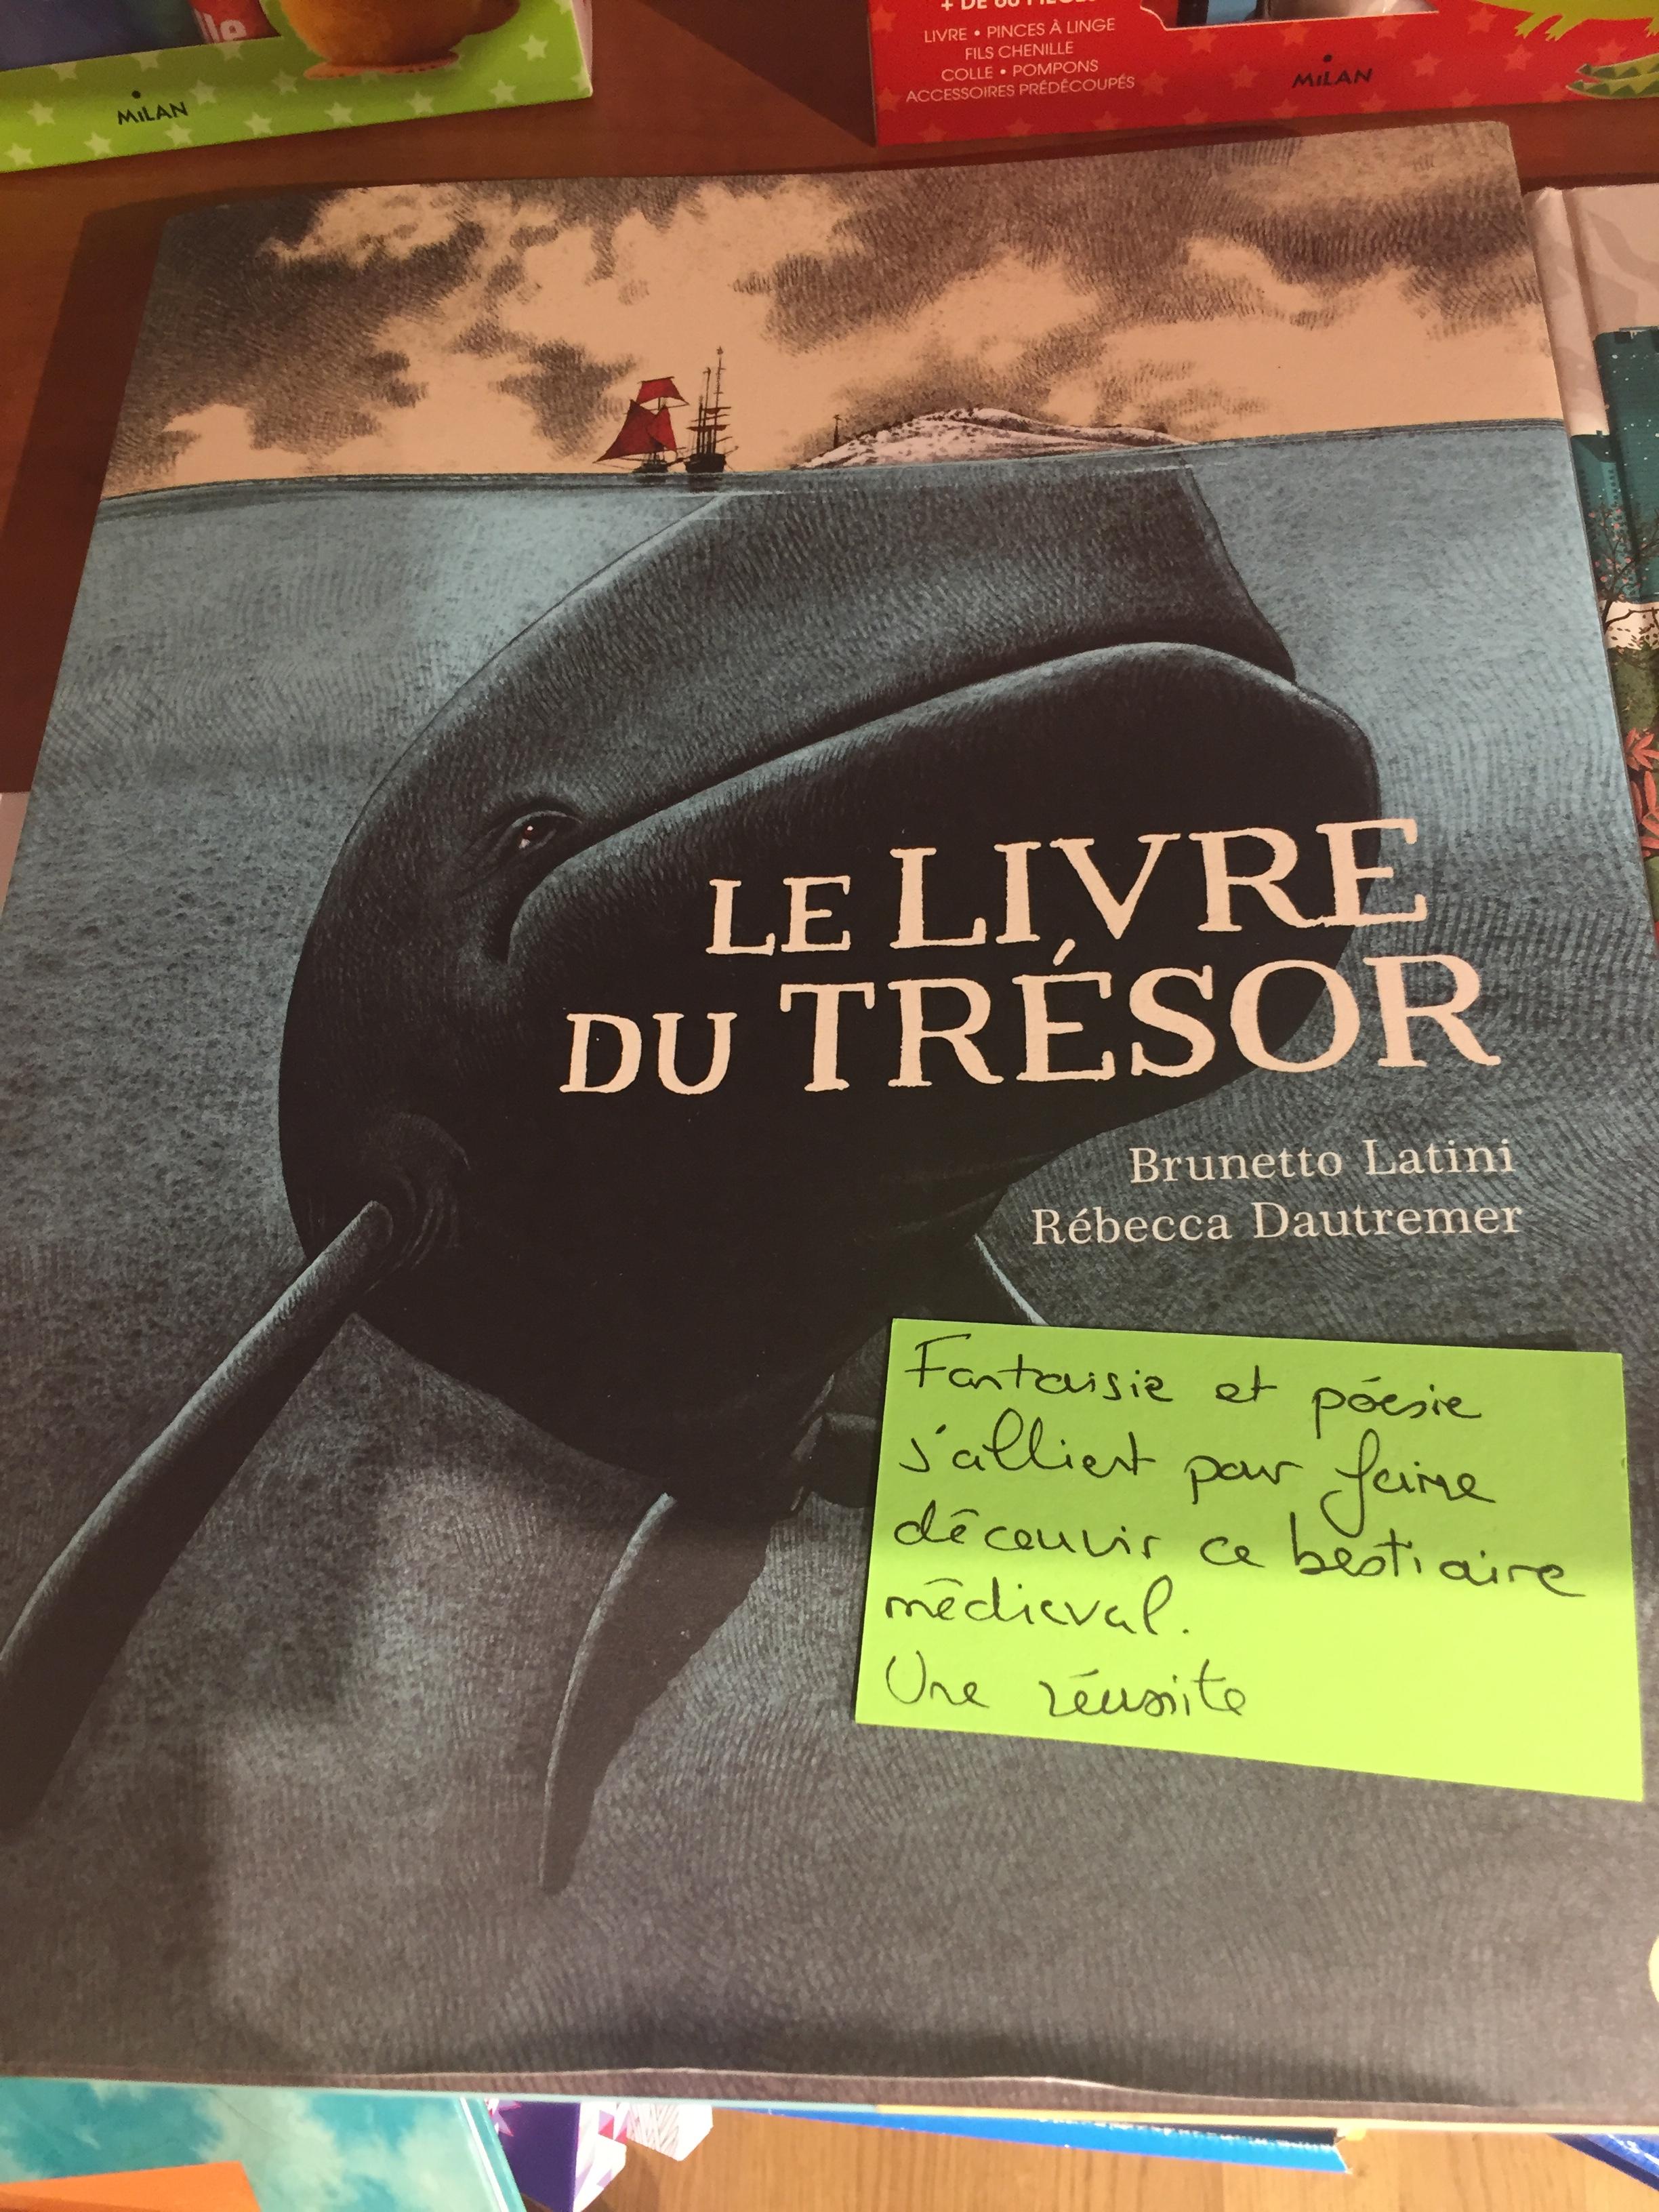 Le livre du trésor_Gibert printemps nation